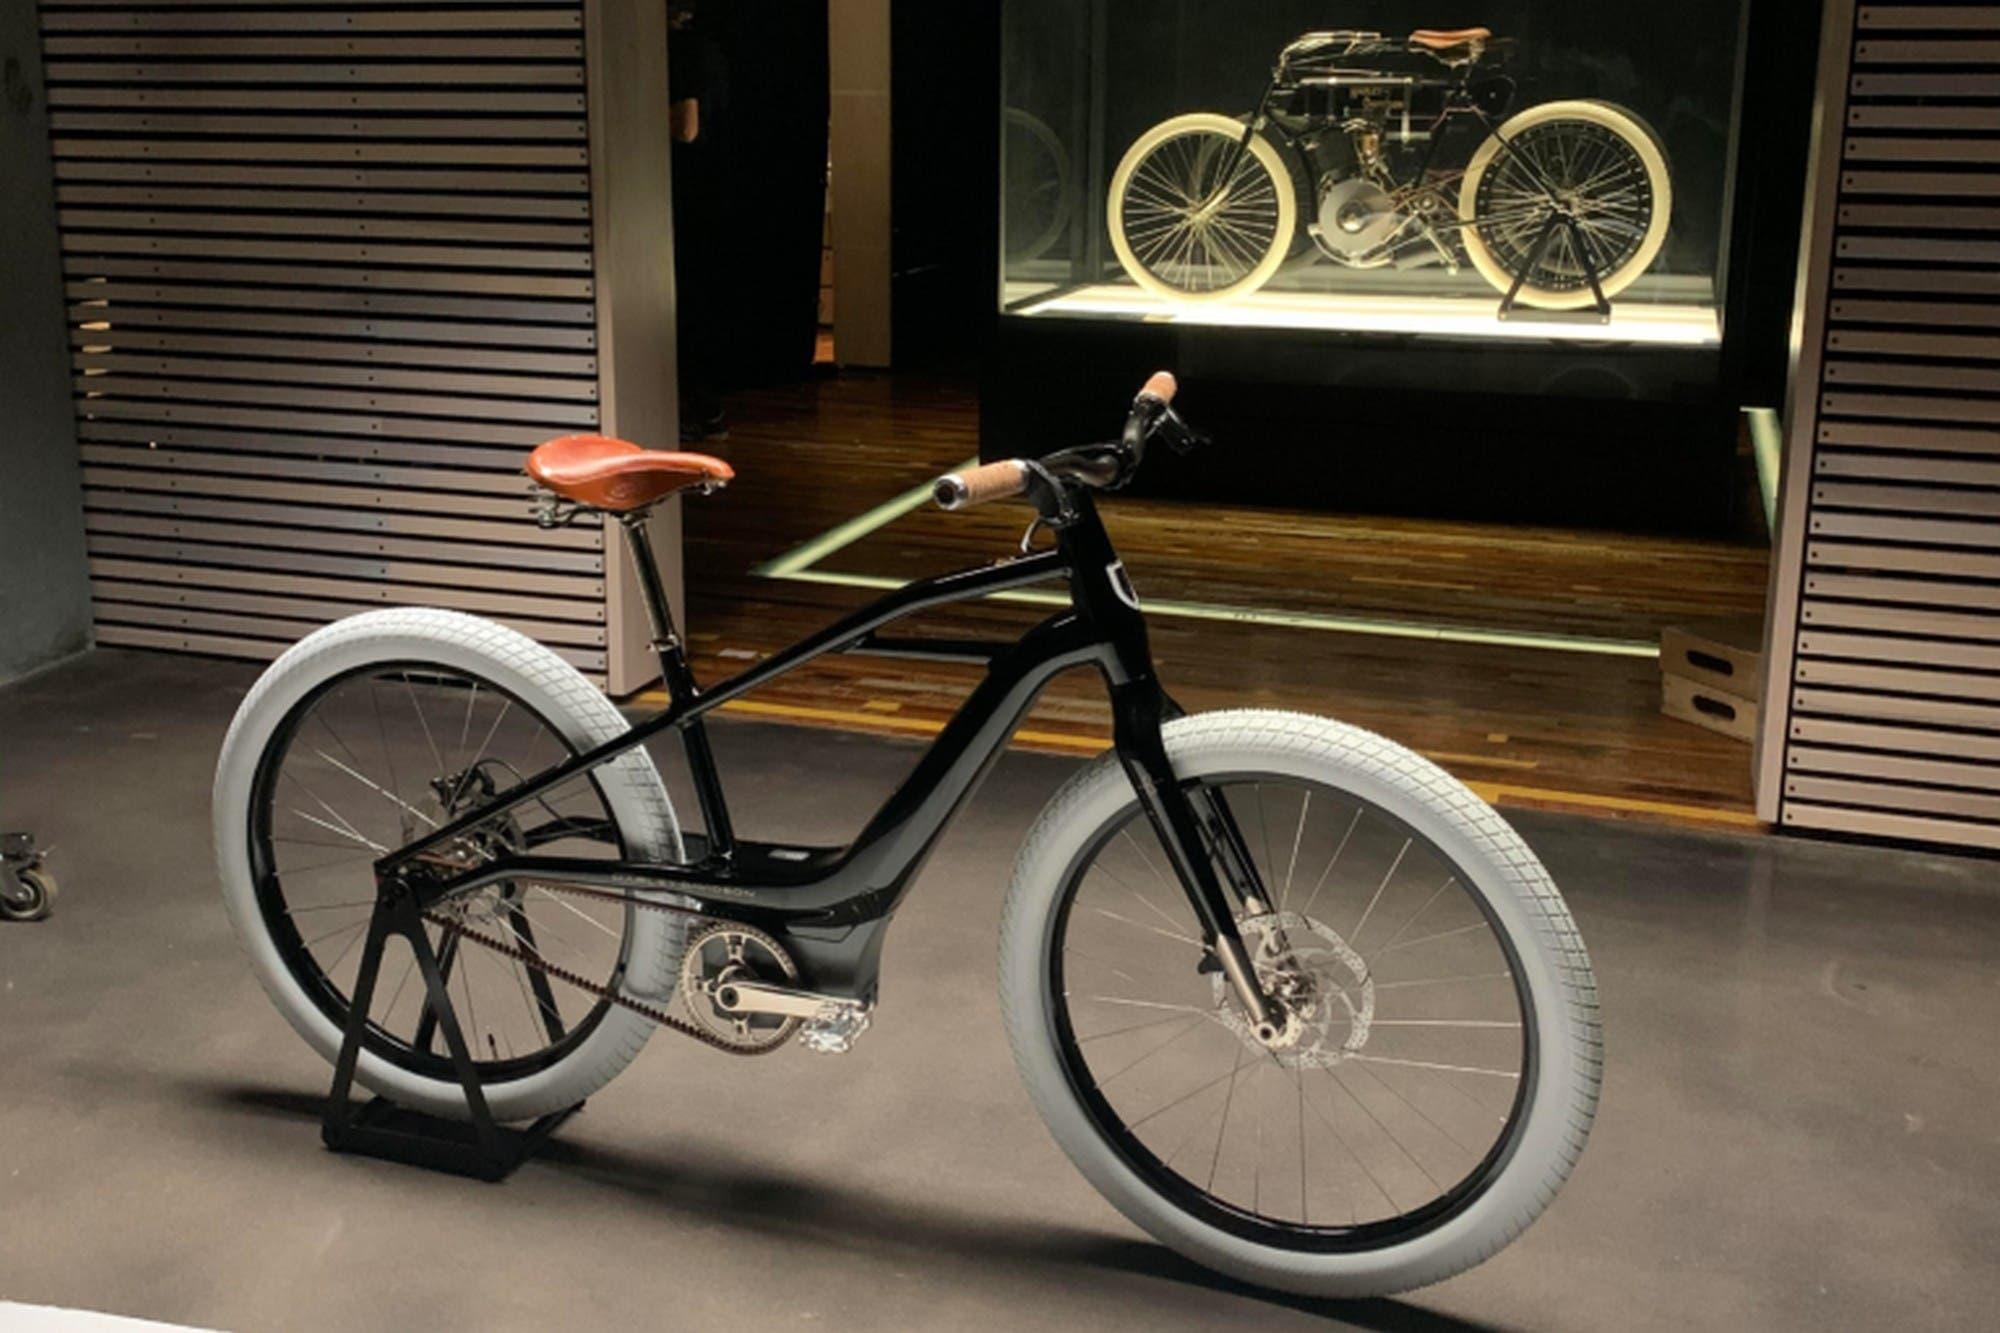 Serial 1: Harley-Davidson lanza su bicicleta eléctrica inspirada en su primera moto